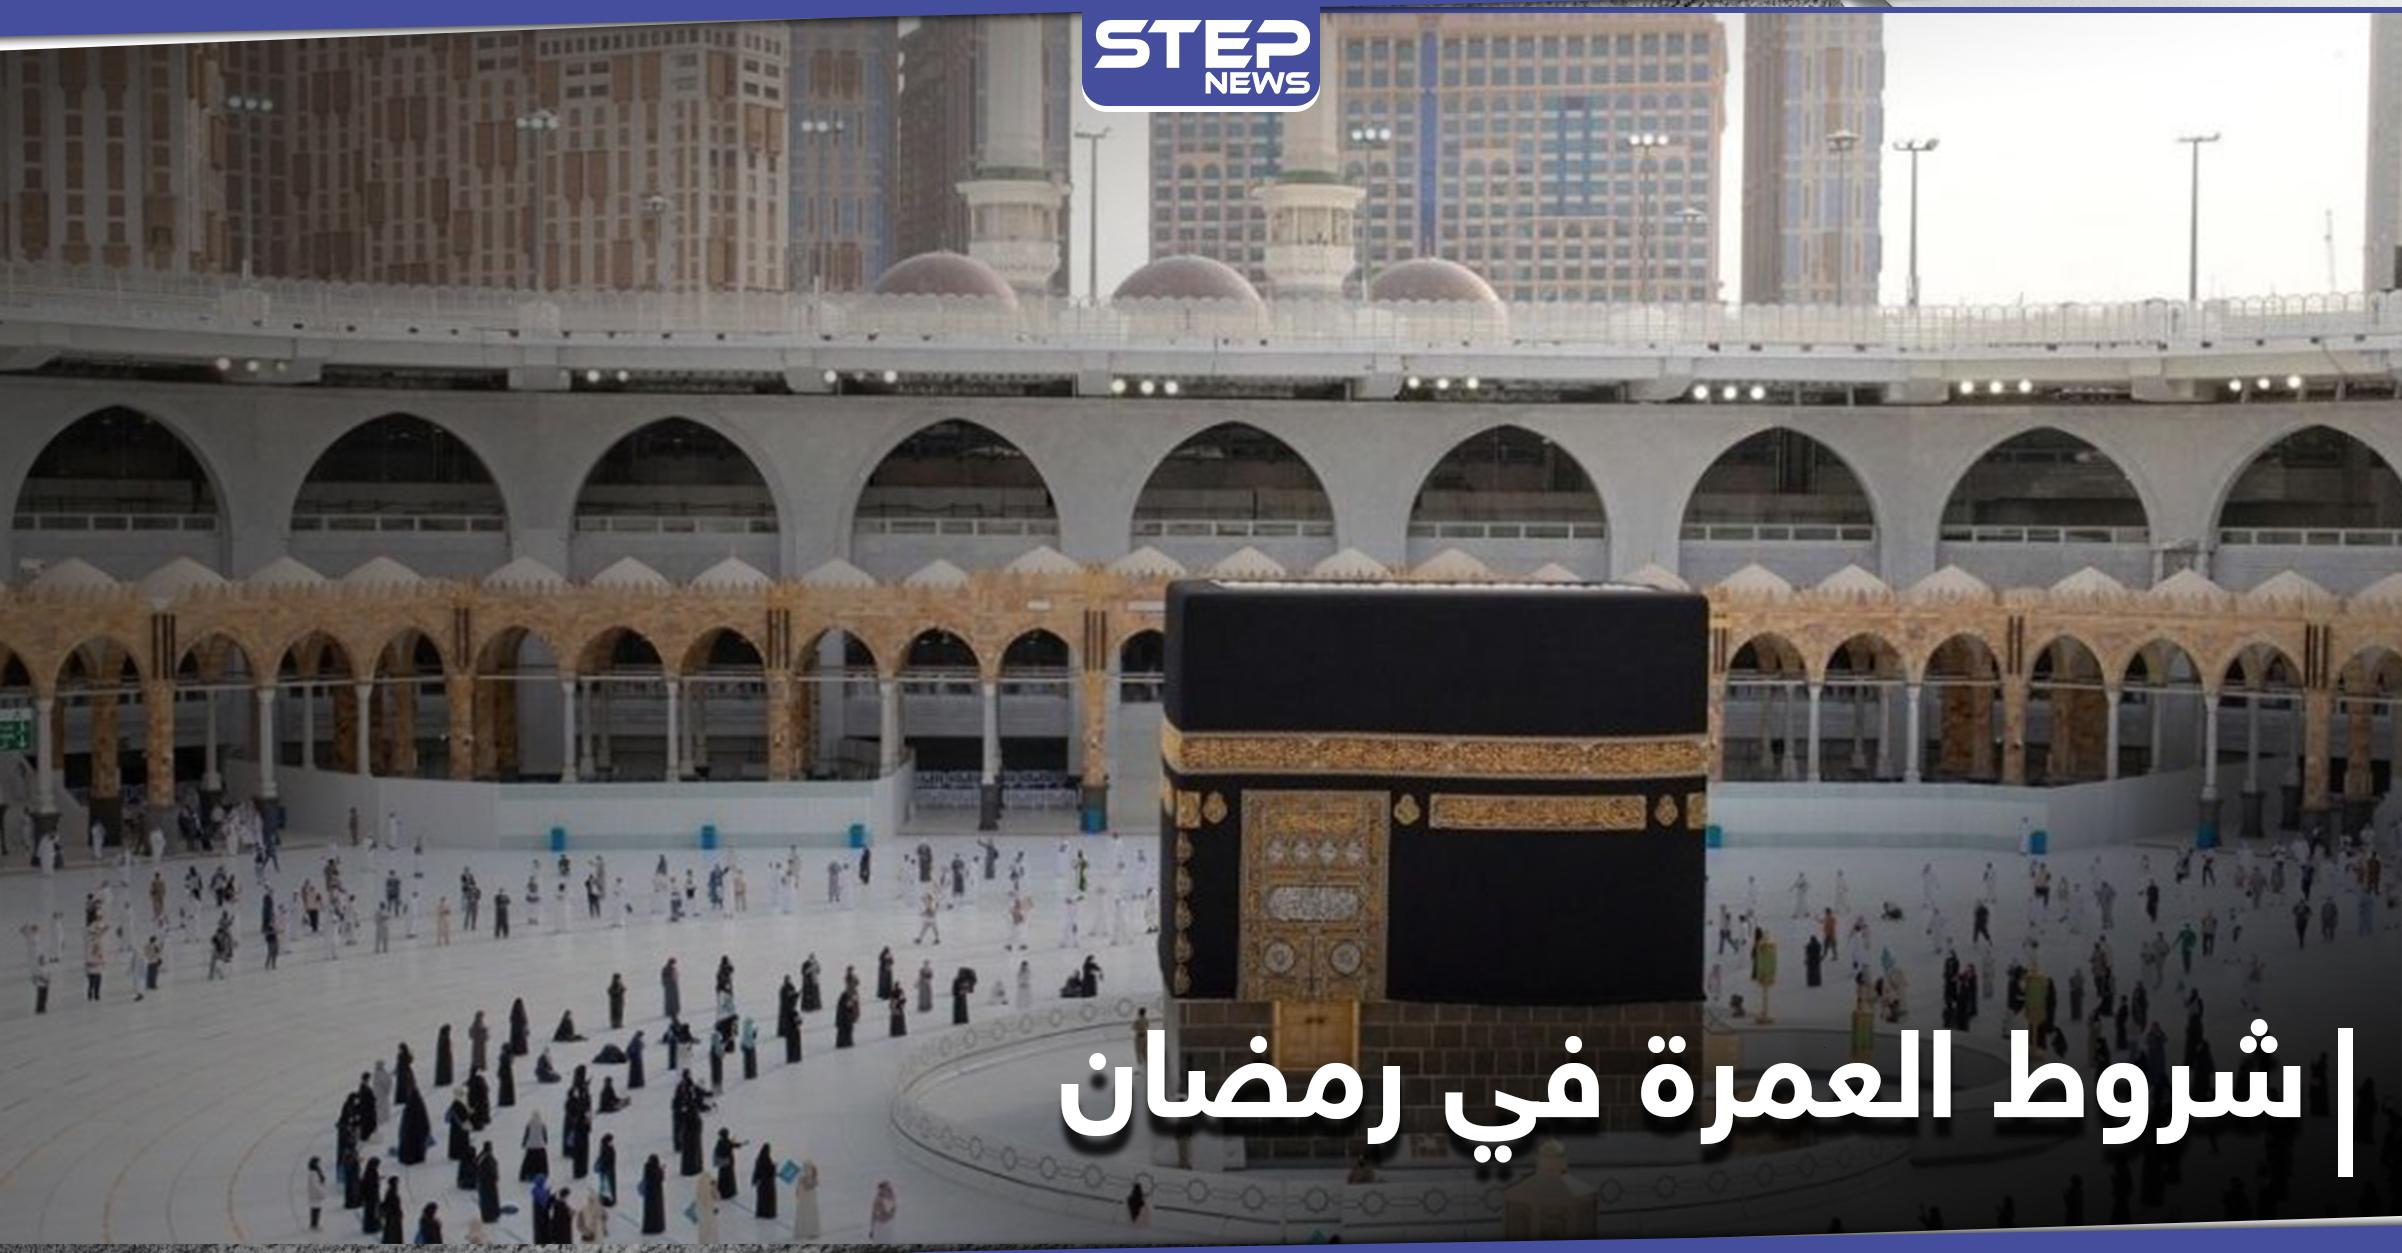 السعودية تعلن عن الغرامة المالية المفروضة على مخالفي شروط العمرة في رمضان تعرّف عليها